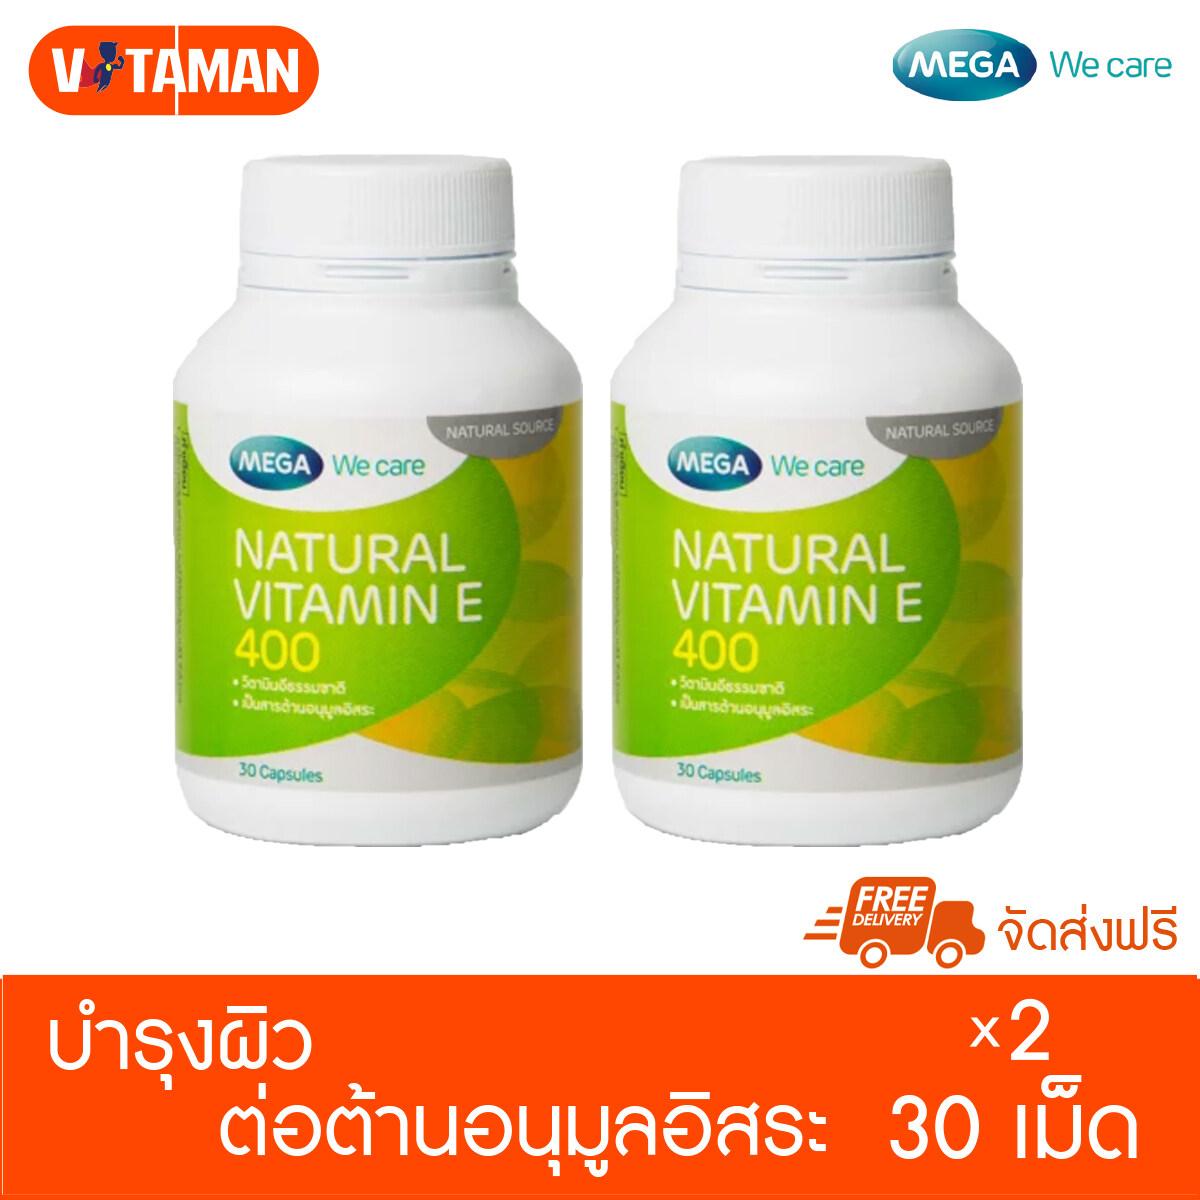 จัดส่งฟรี! Mega We Care Natural Vitamin E 400 Iu 30 Capsules / 2 ขวด Nat E เมก้า วิตามินอี ลดริ้วรอย Mega Vit E.